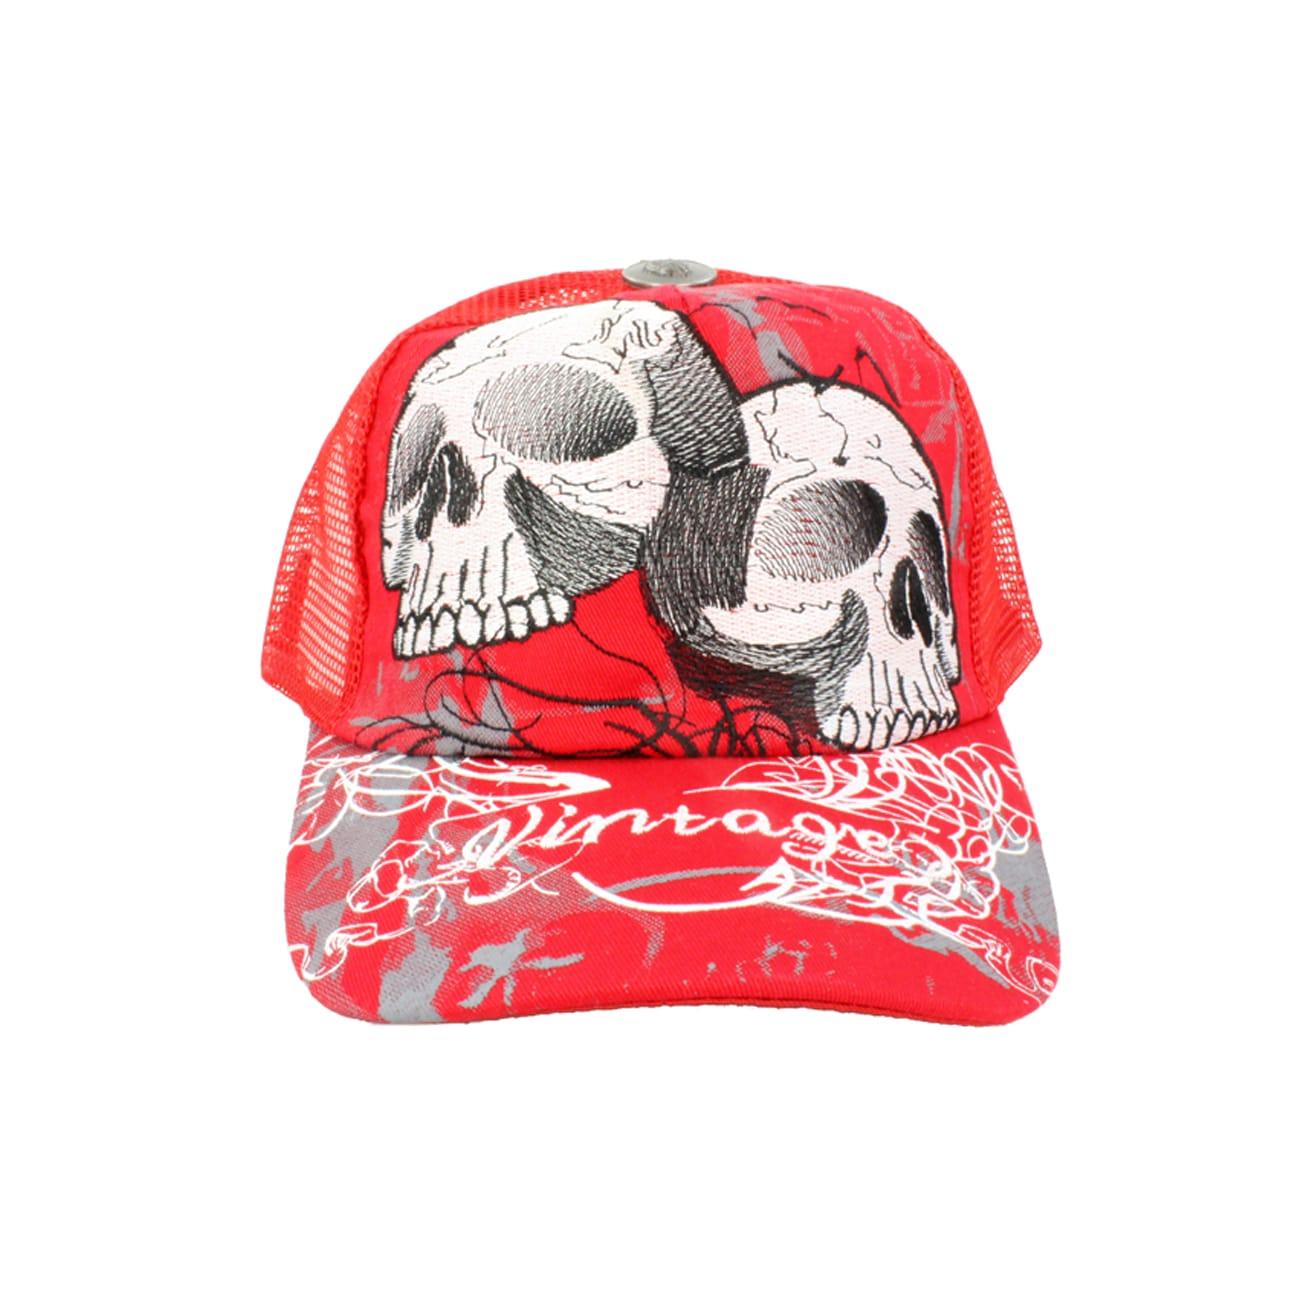 Faddism Unisex Red White Twin Skull Baseball Cap